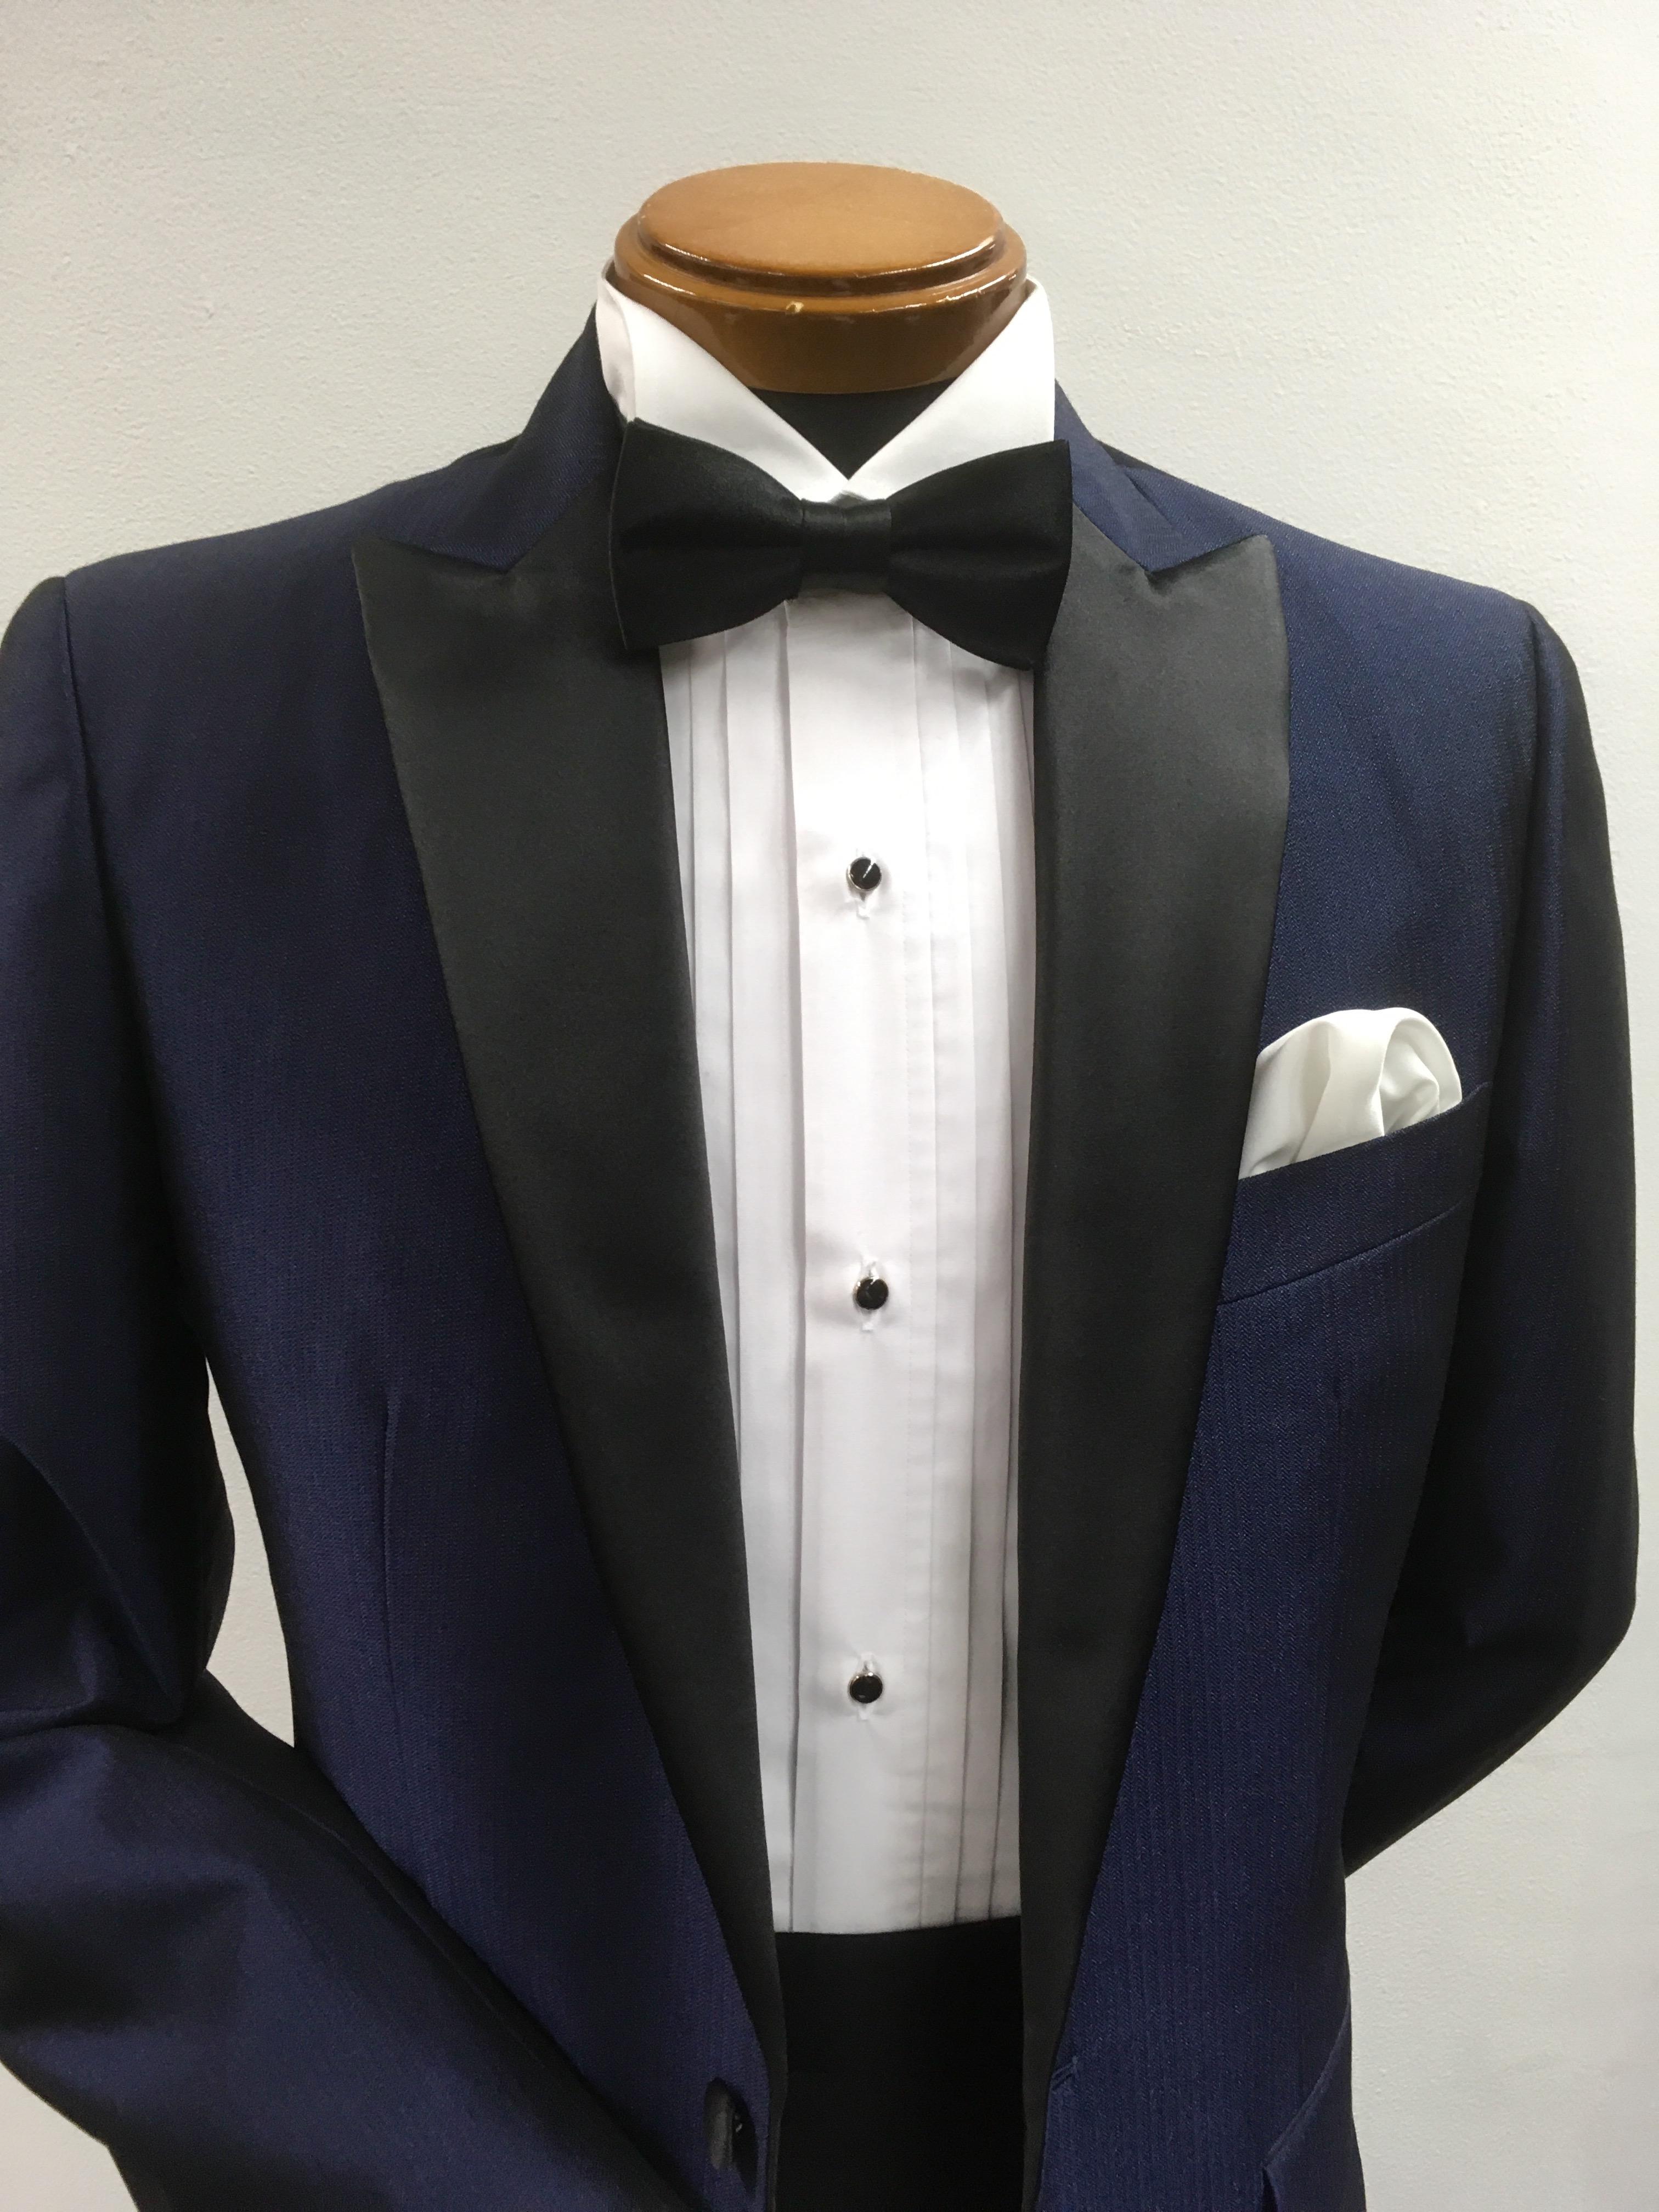 fcac65a40fece ジャケットに胸ポケットが施されるようになったのは、ポケットチーフを挿すためでした。その歴史は浅く、1920年代と言われます。